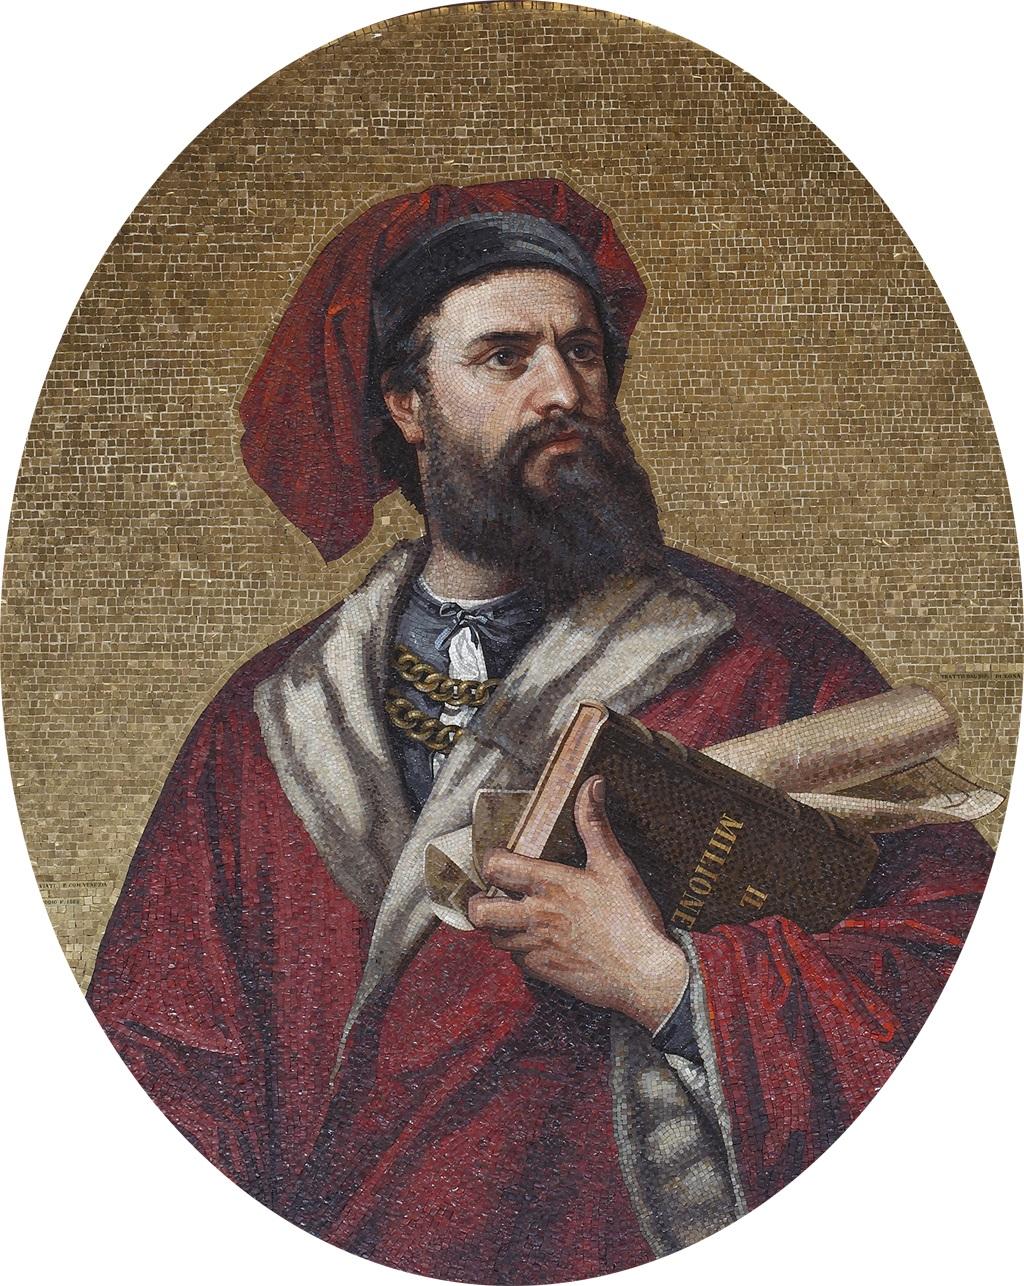 Marco Polo.